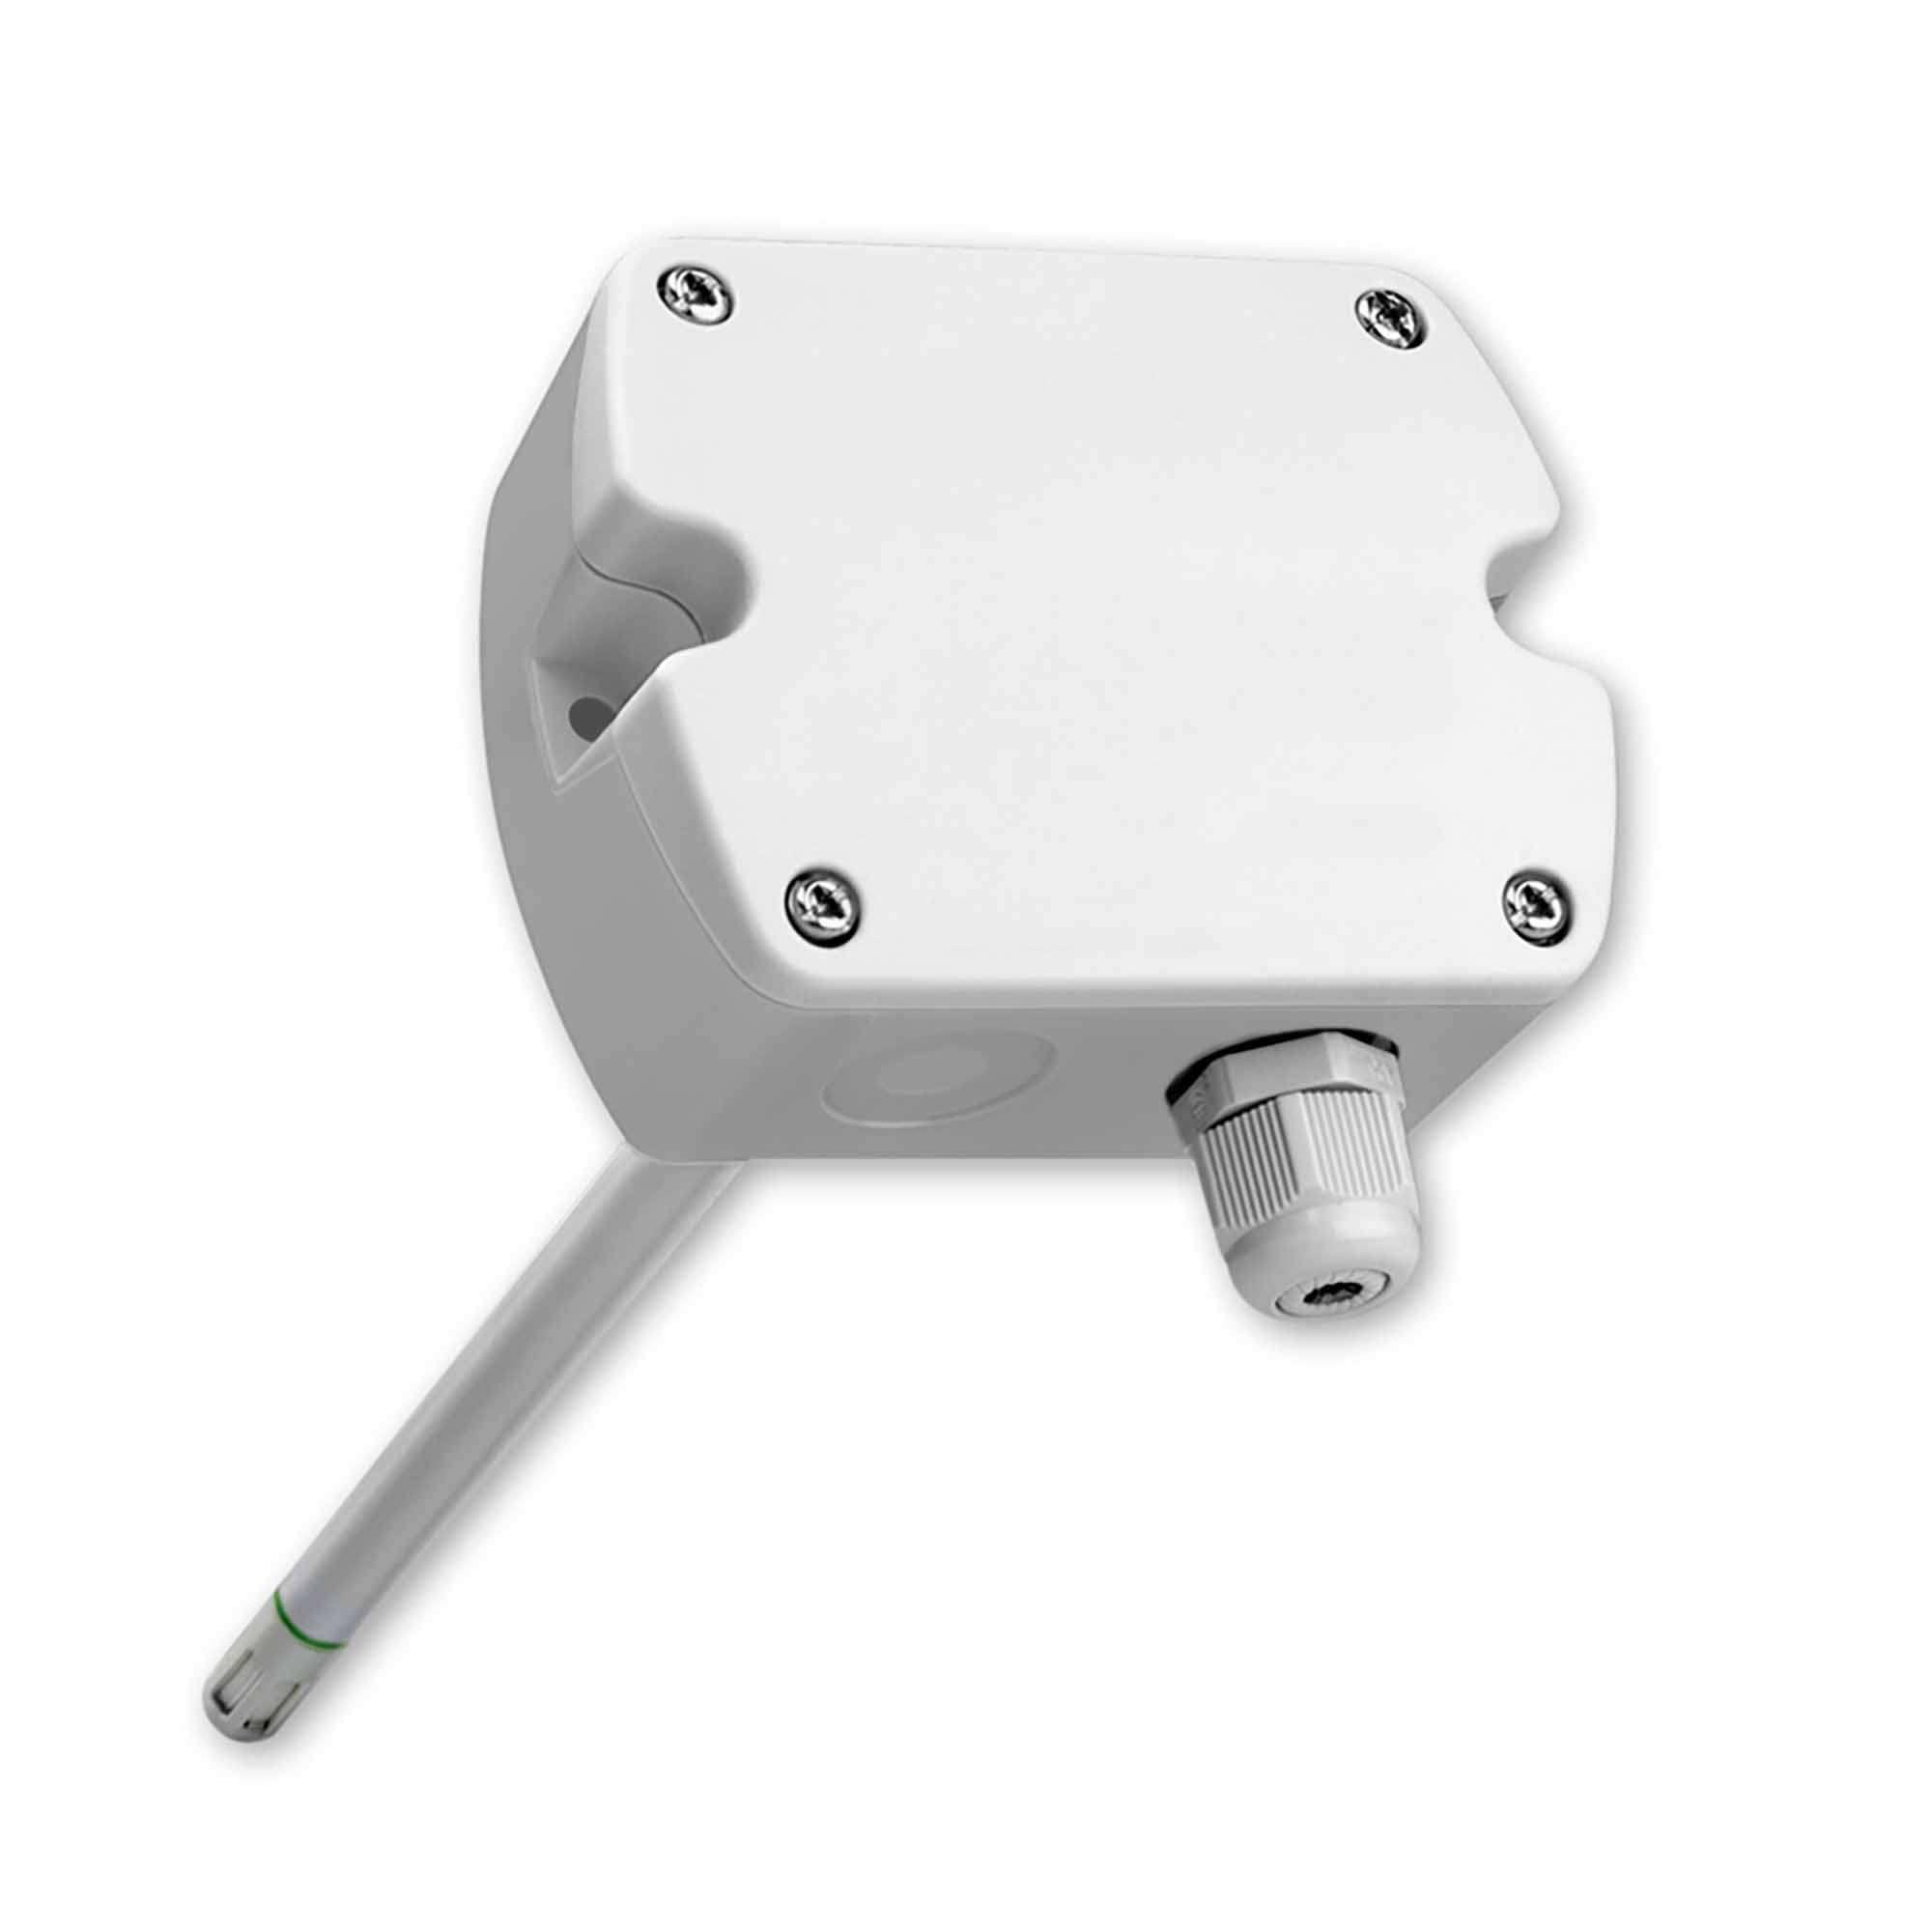 SCO2 G-MIX-400-1100 UNELVENT ACC ELECTRIQUE DBLE FLUX TERT. 700110